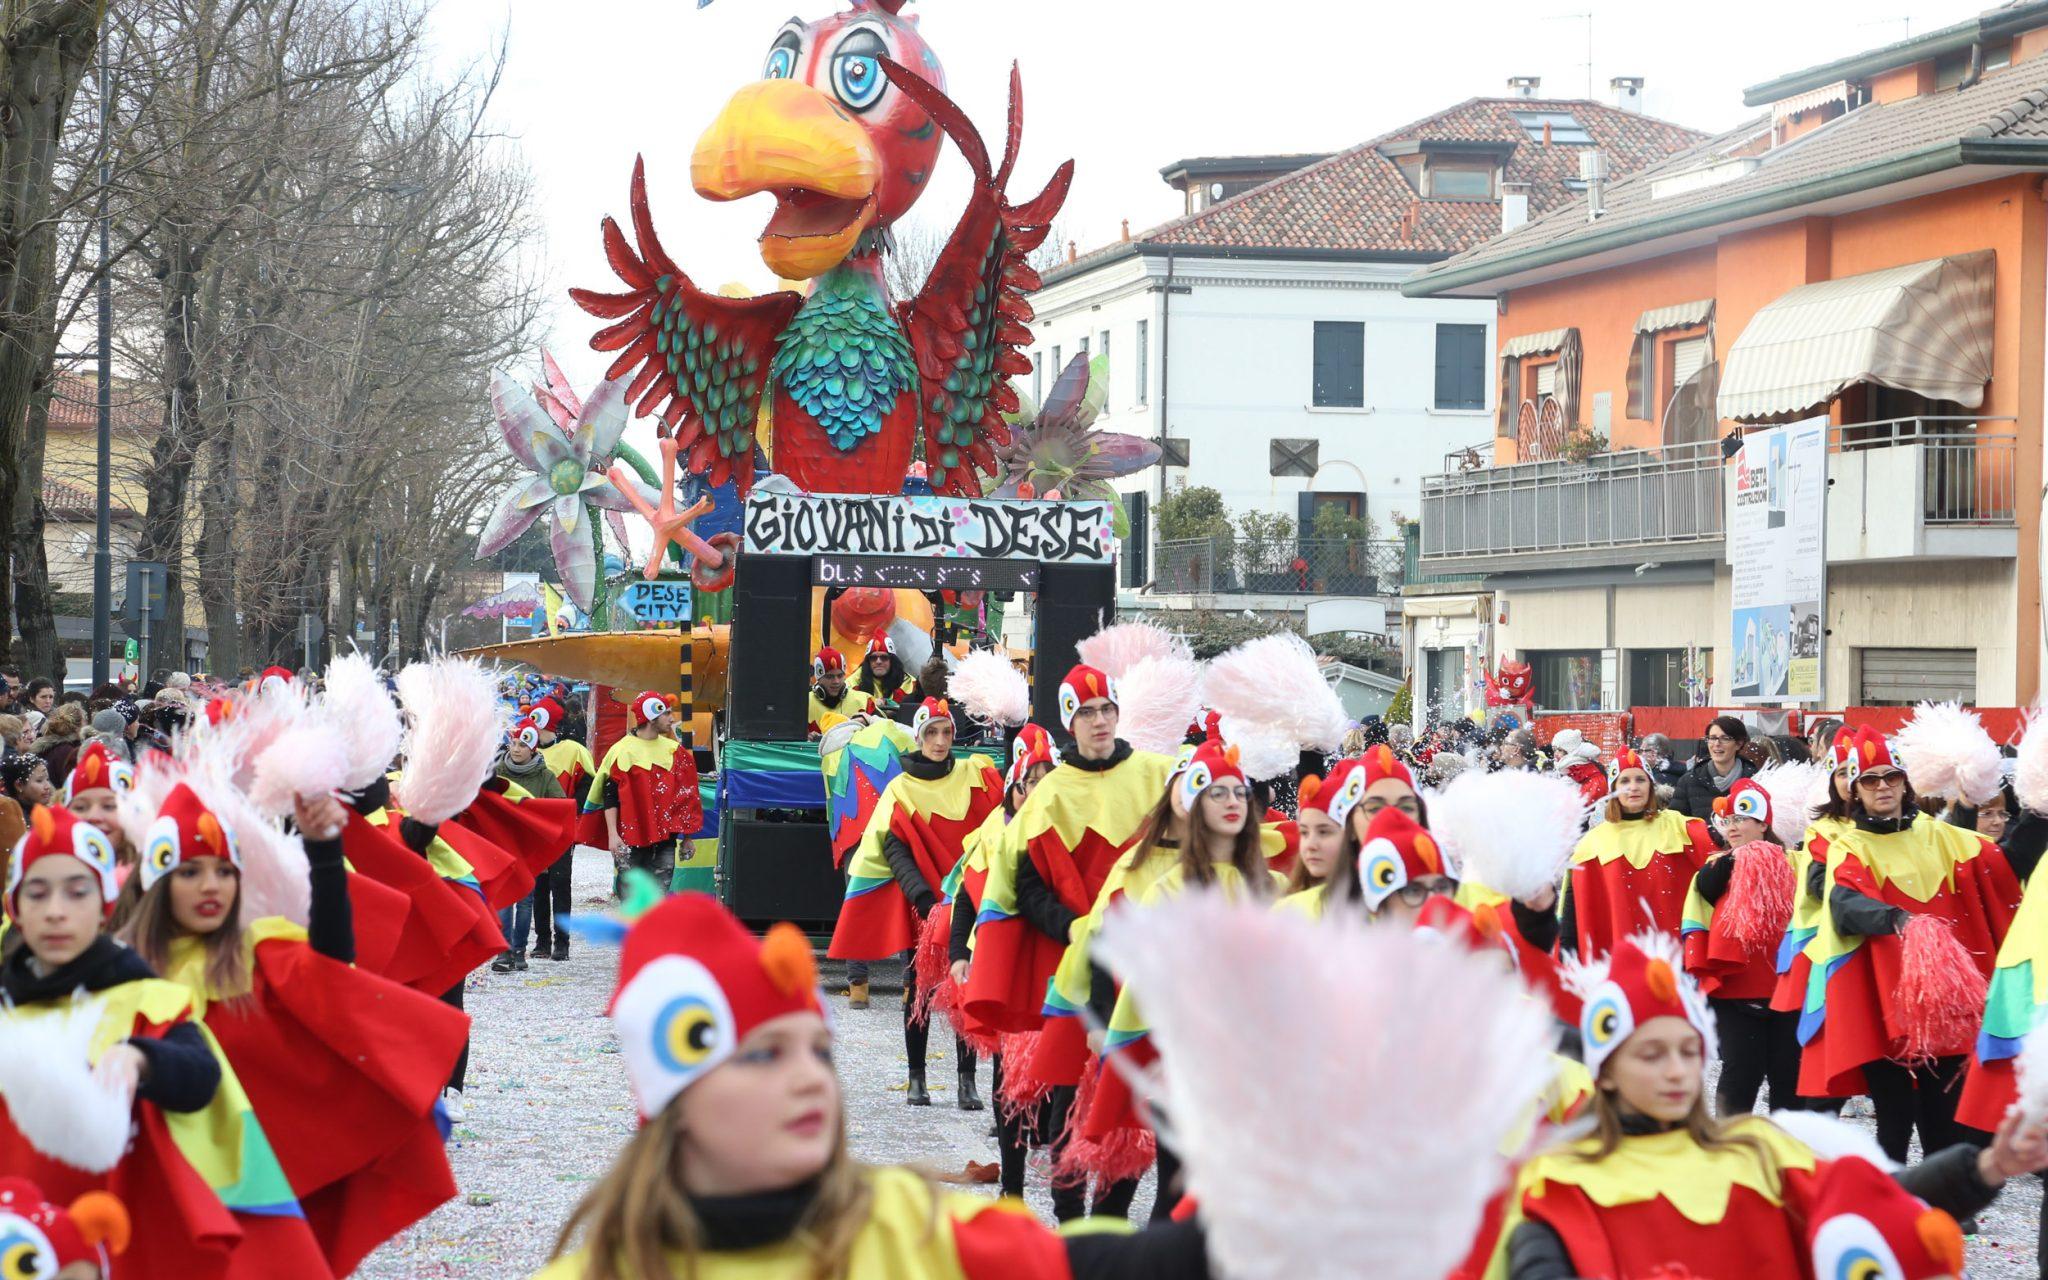 Carnival of the youth of Zelarino - Carnevale di Venezia ...